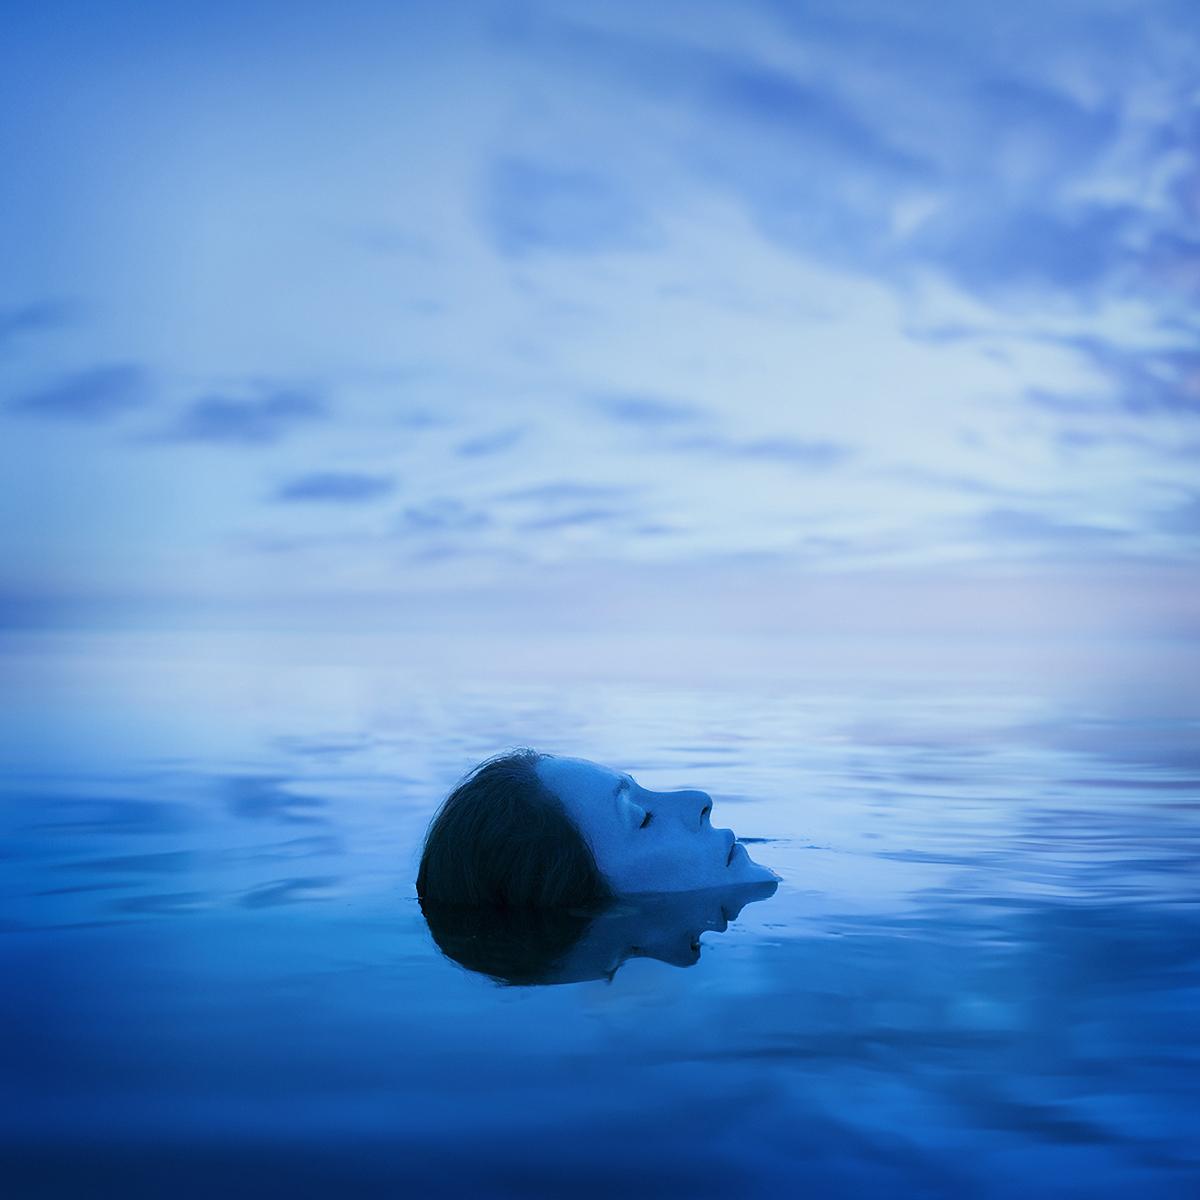 Sinking into Depths Unknown